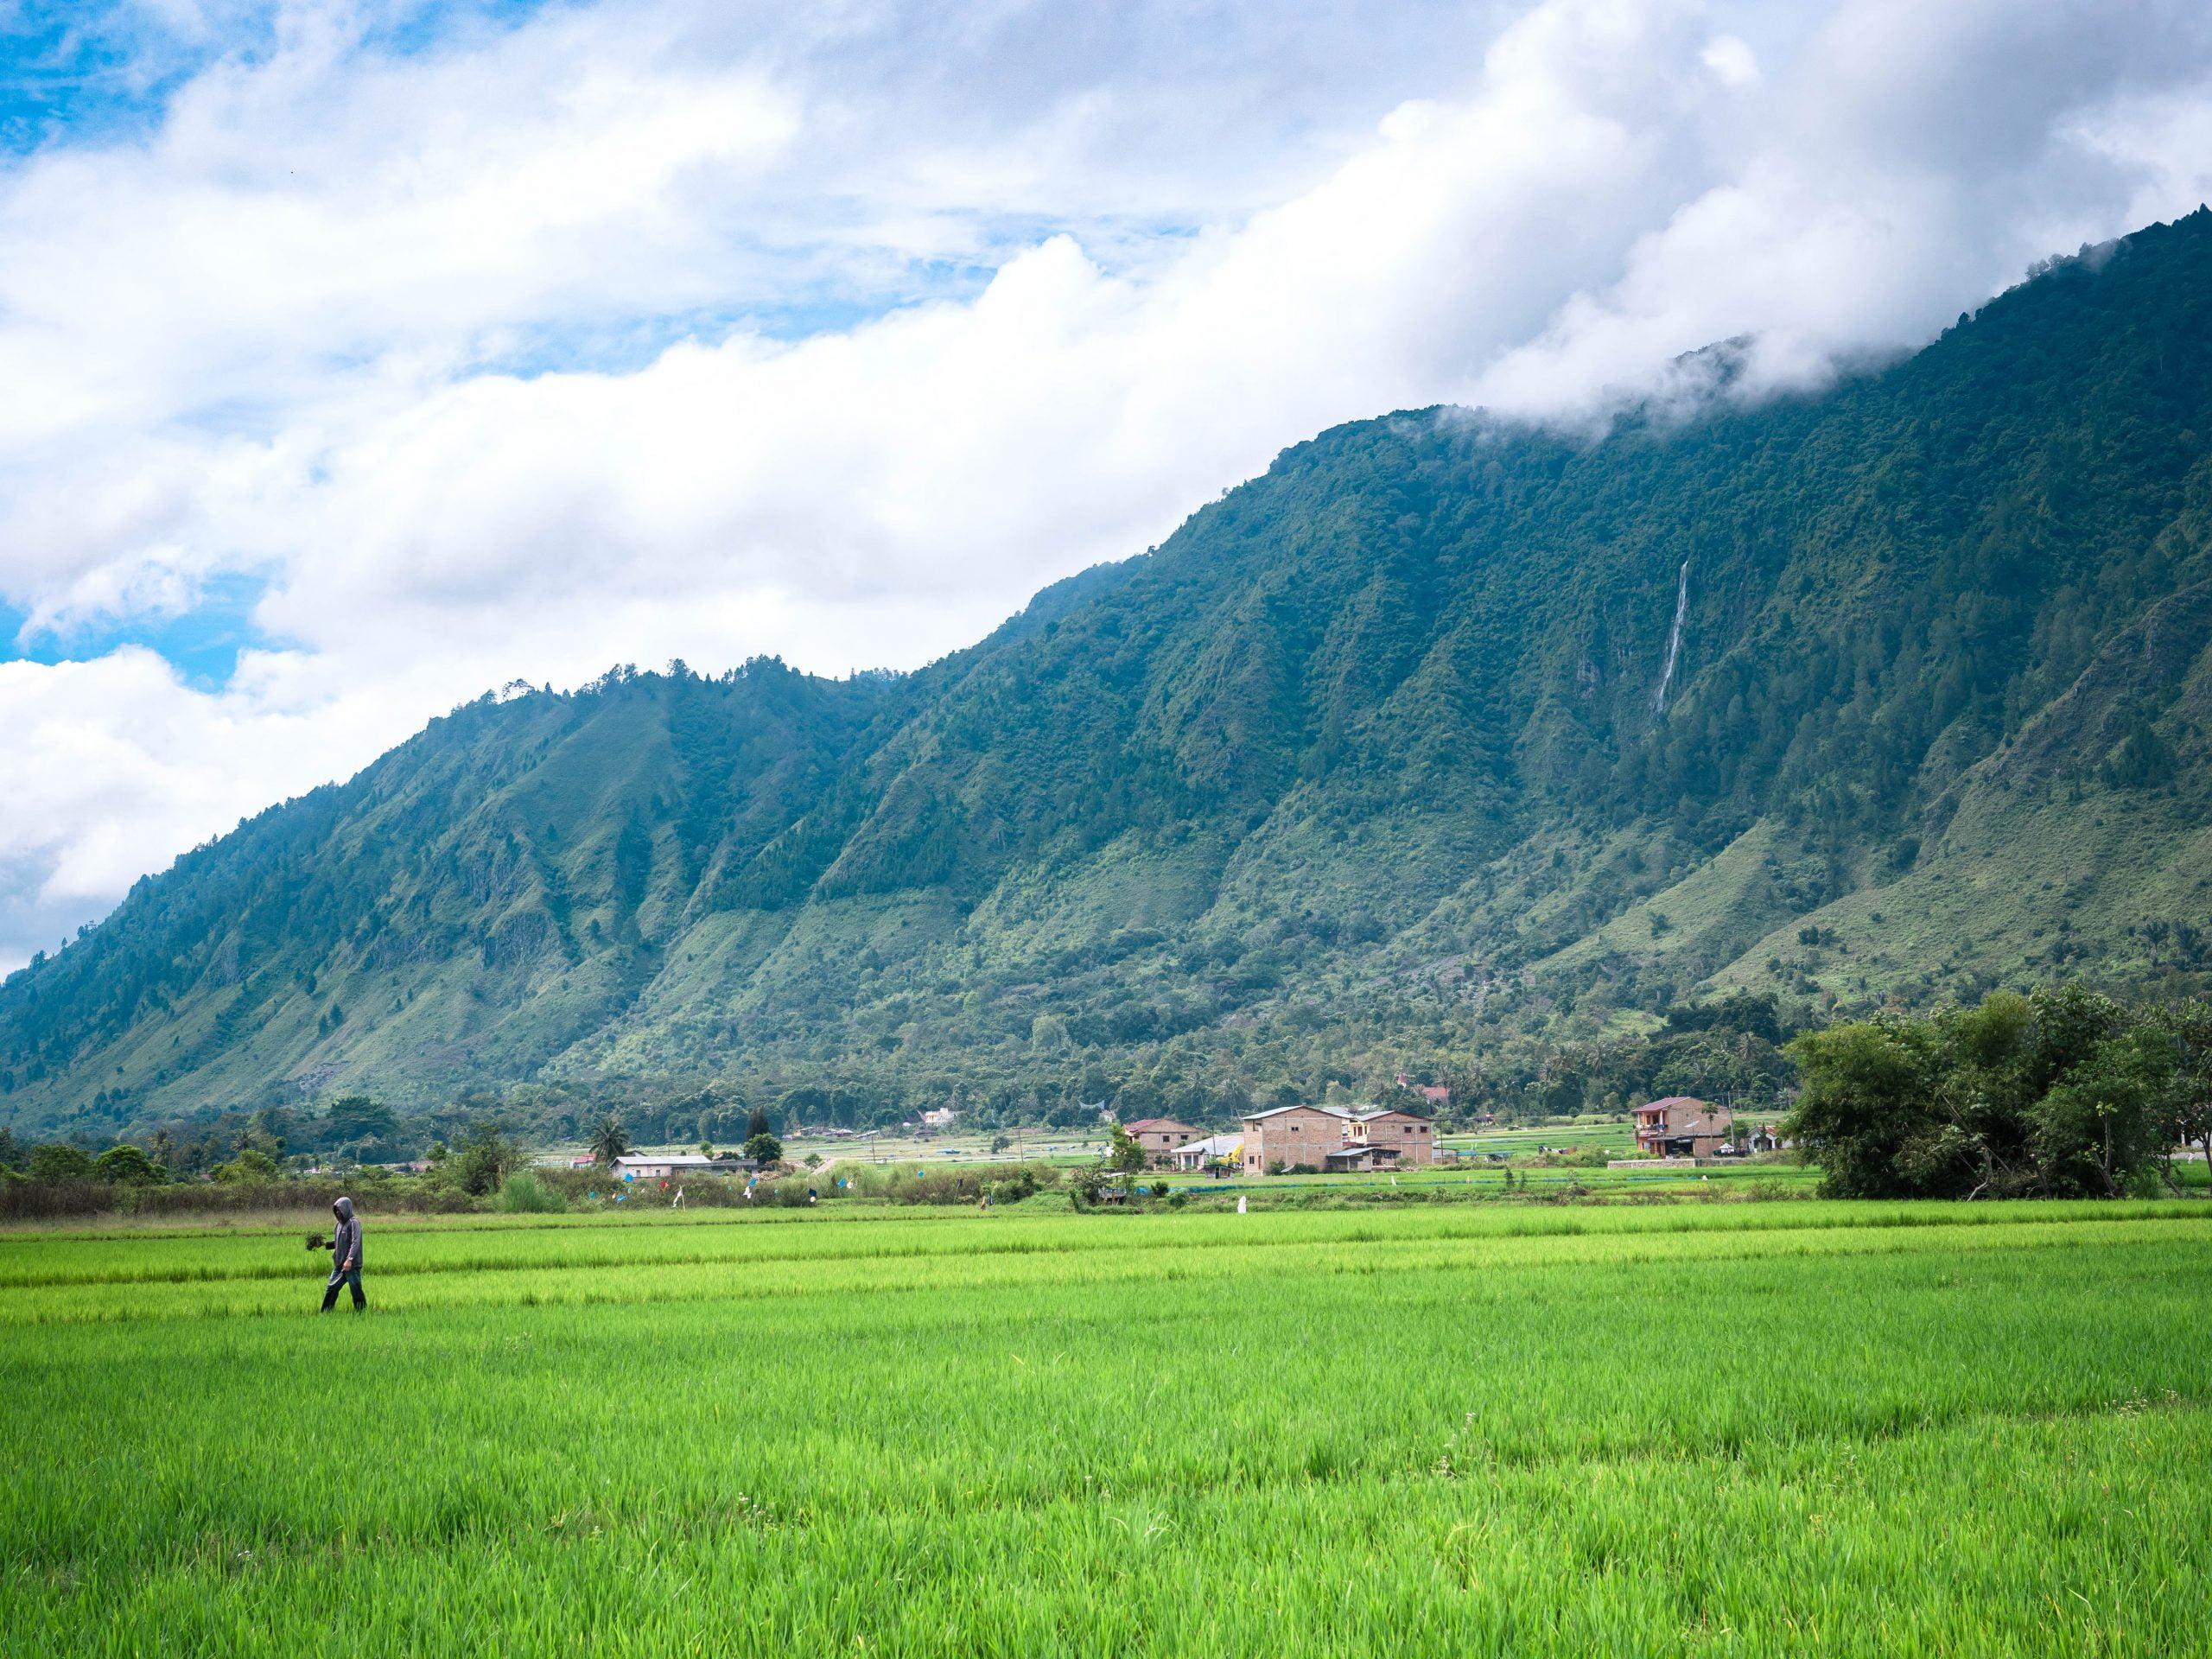 lac toba montagne rizière scaled - Les globe blogueurs - blog voyage nature